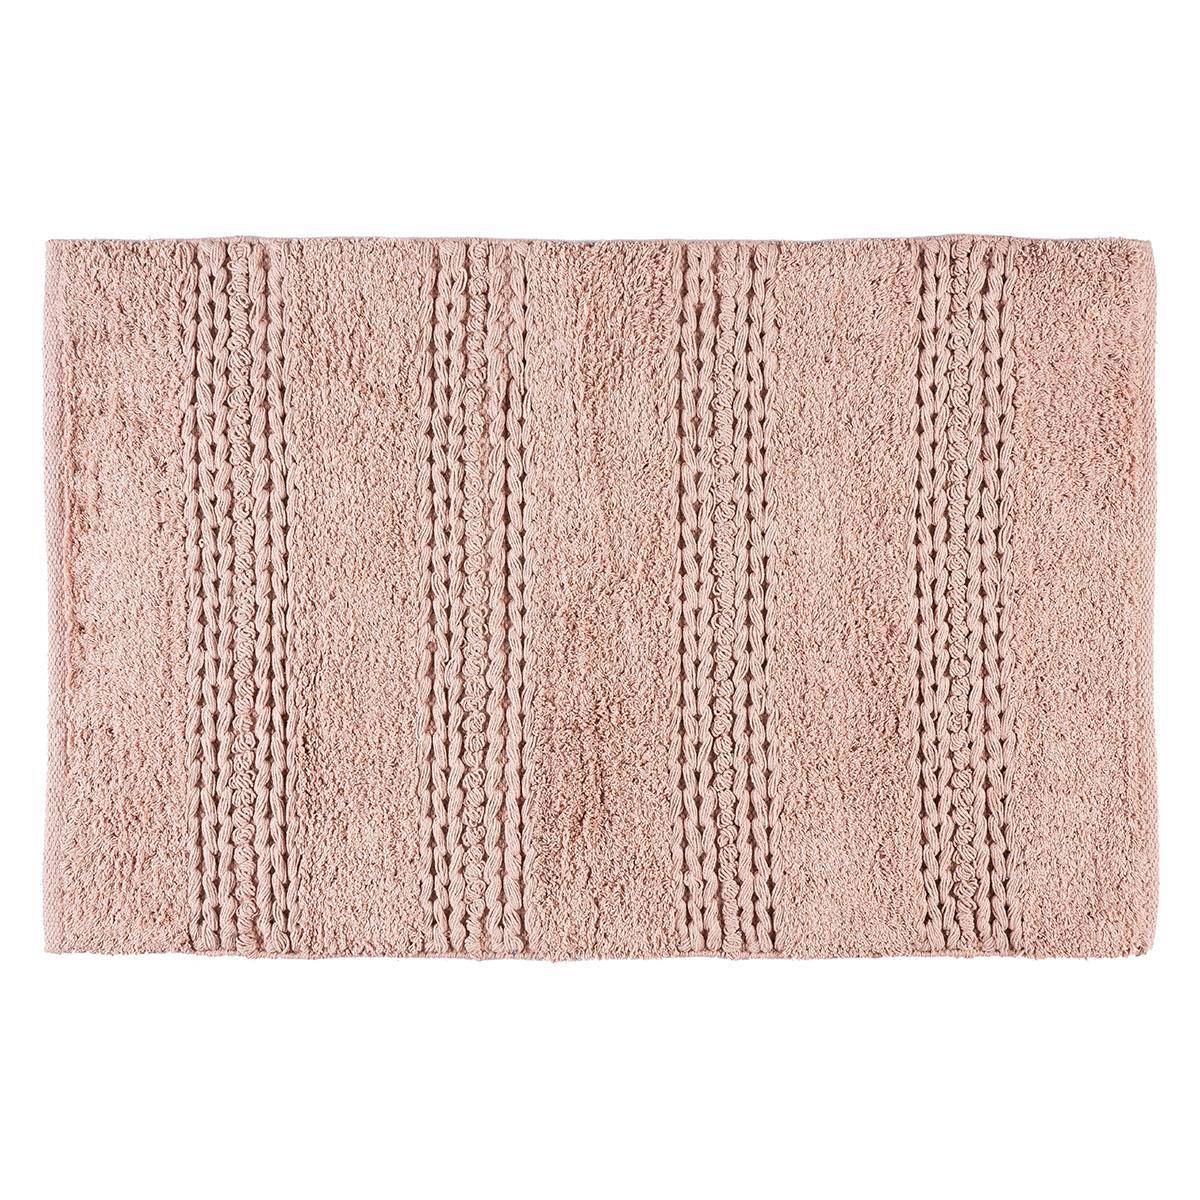 Ταπέτο μπάνιου Art 3290 60×90 Ροζ Beauty Home